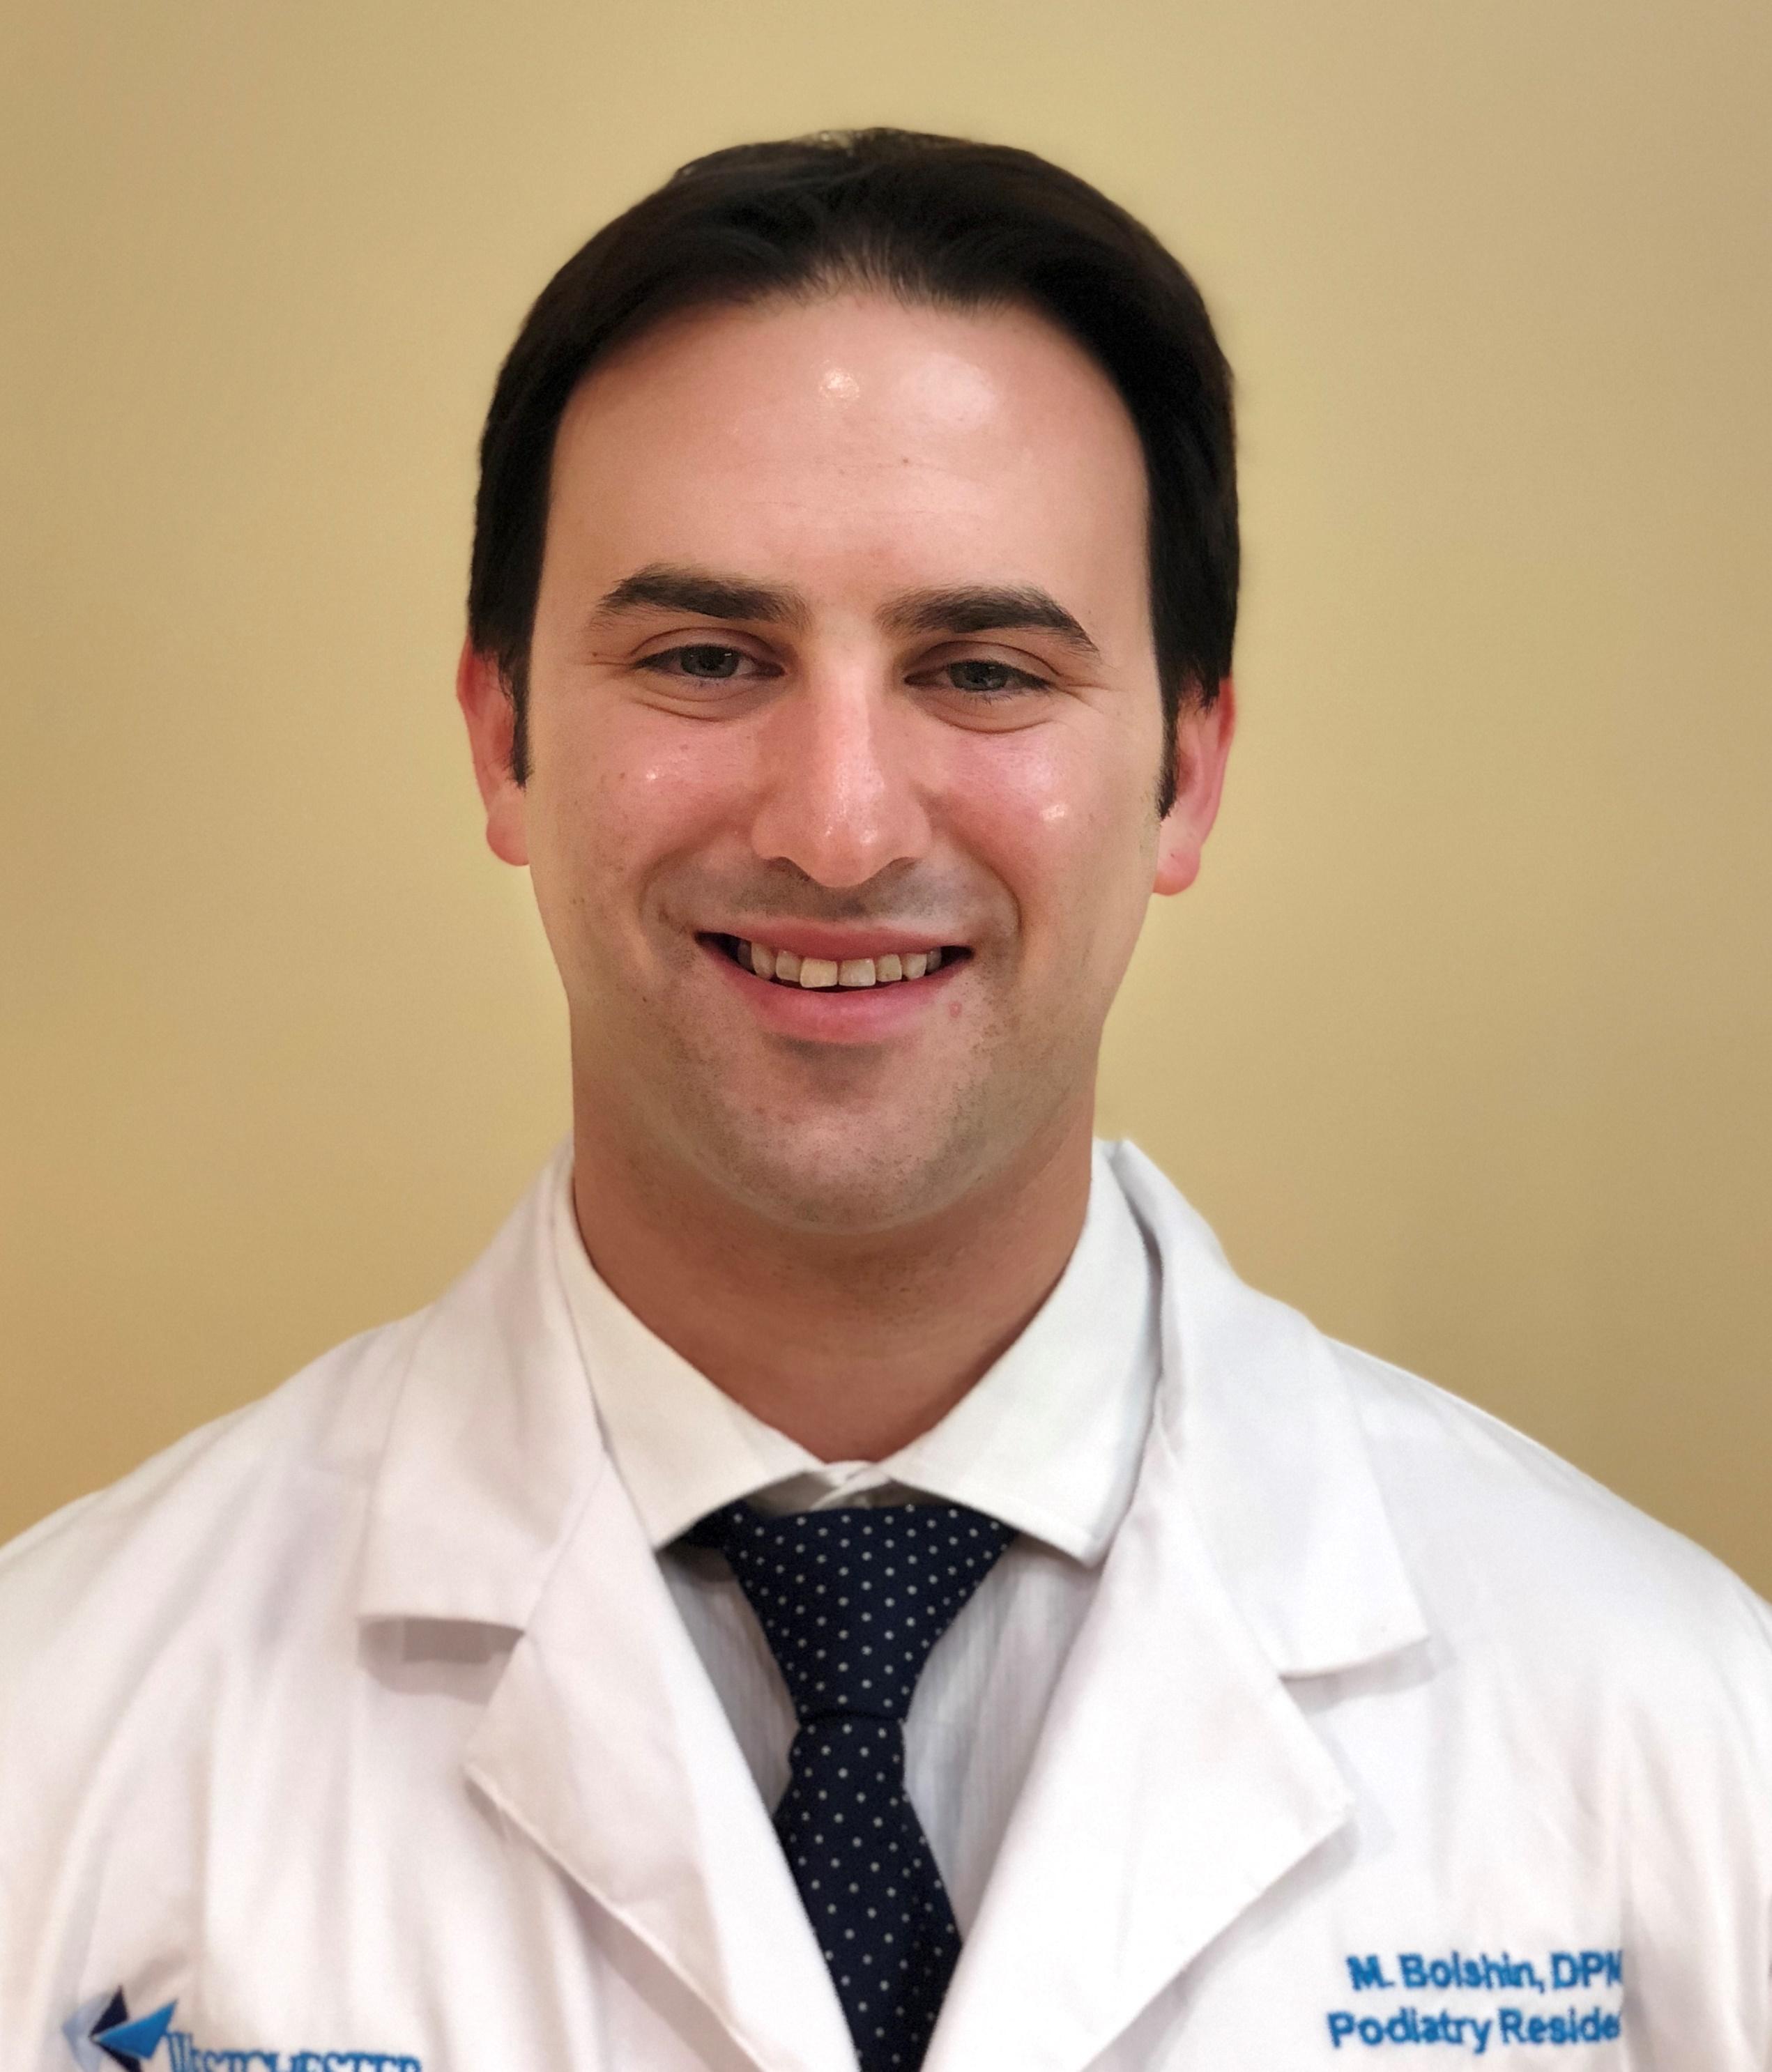 Dr Matt Bolshin at iHealthMD Clinic